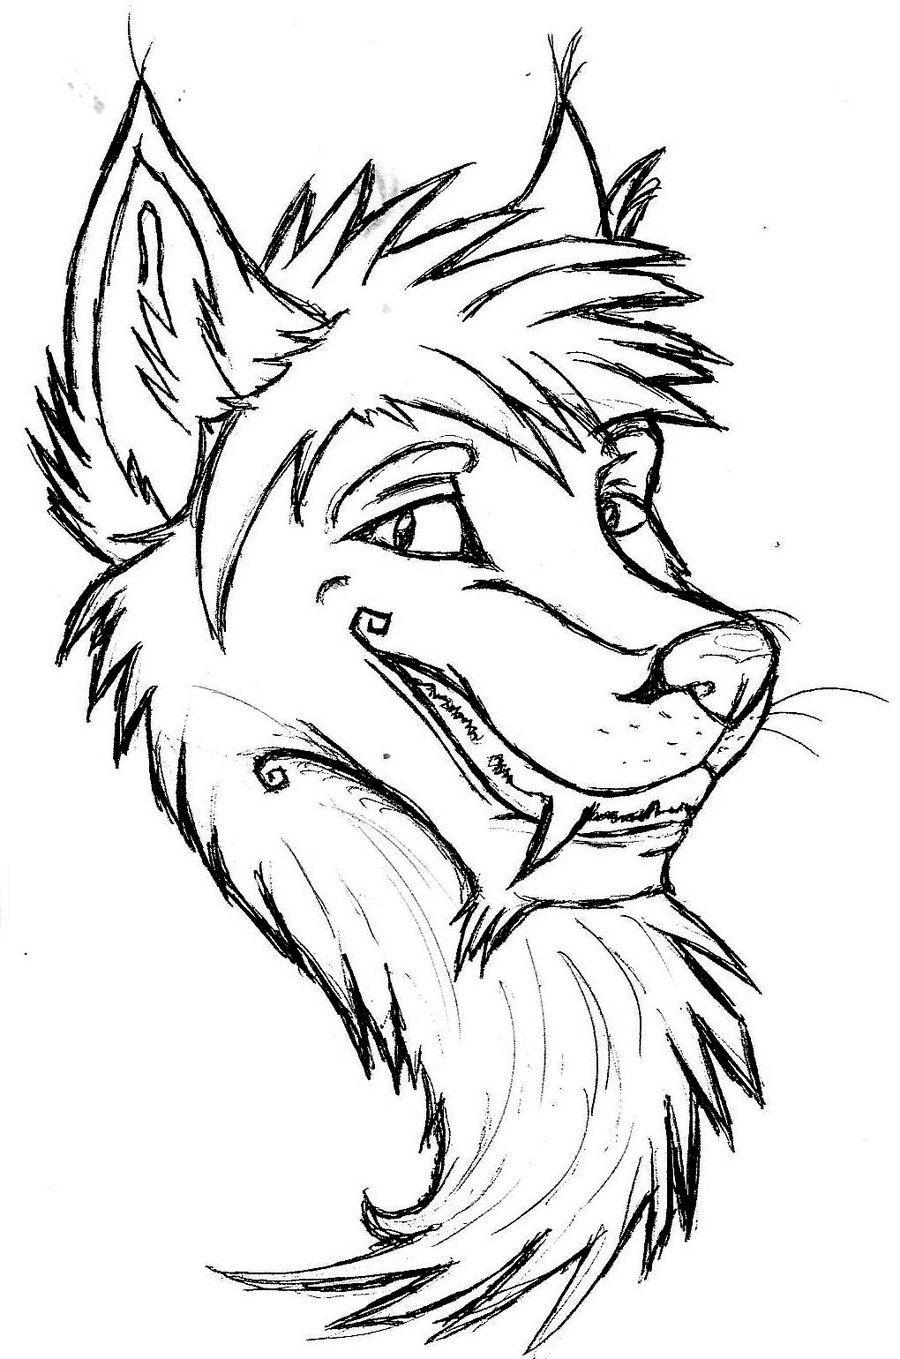 Wolf Head Outline images Art dessin, Dessin, Art